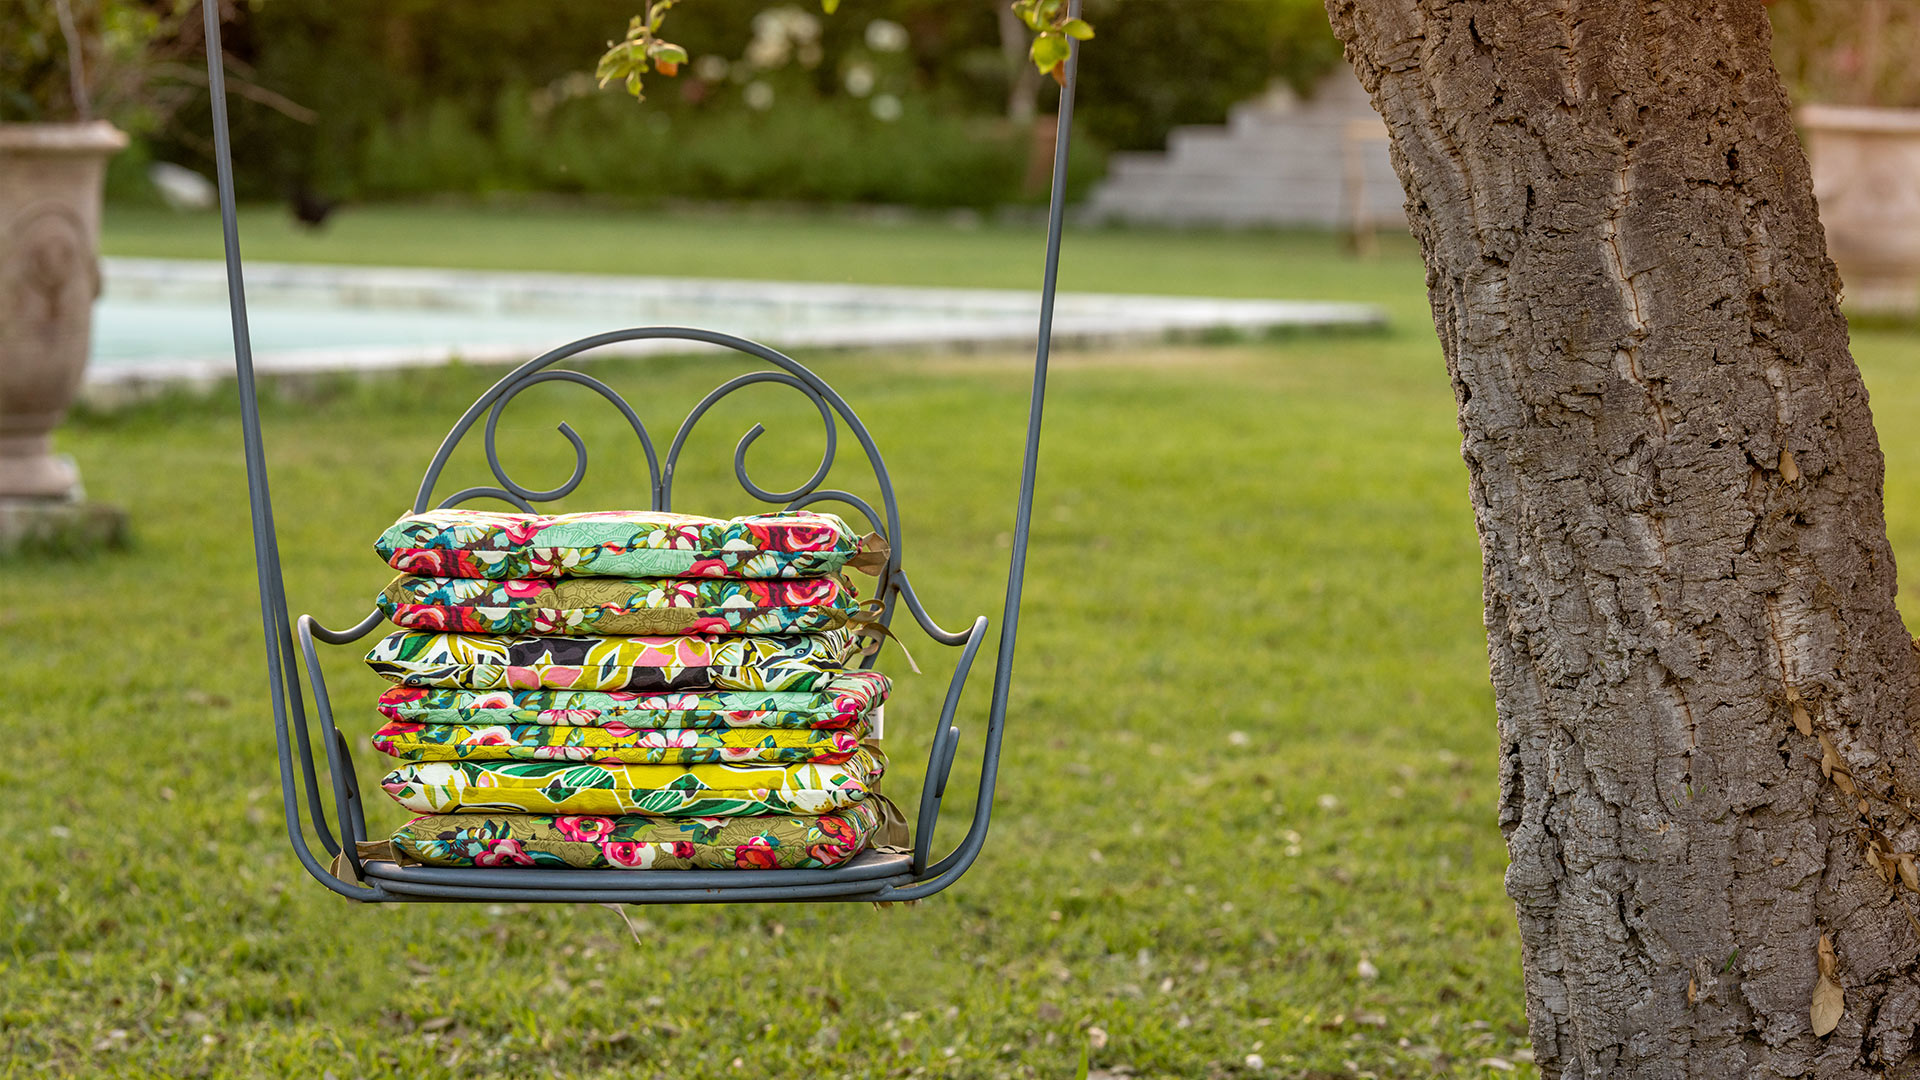 une série de galettes de chaises en tissu d'extérieur sur une balancelle